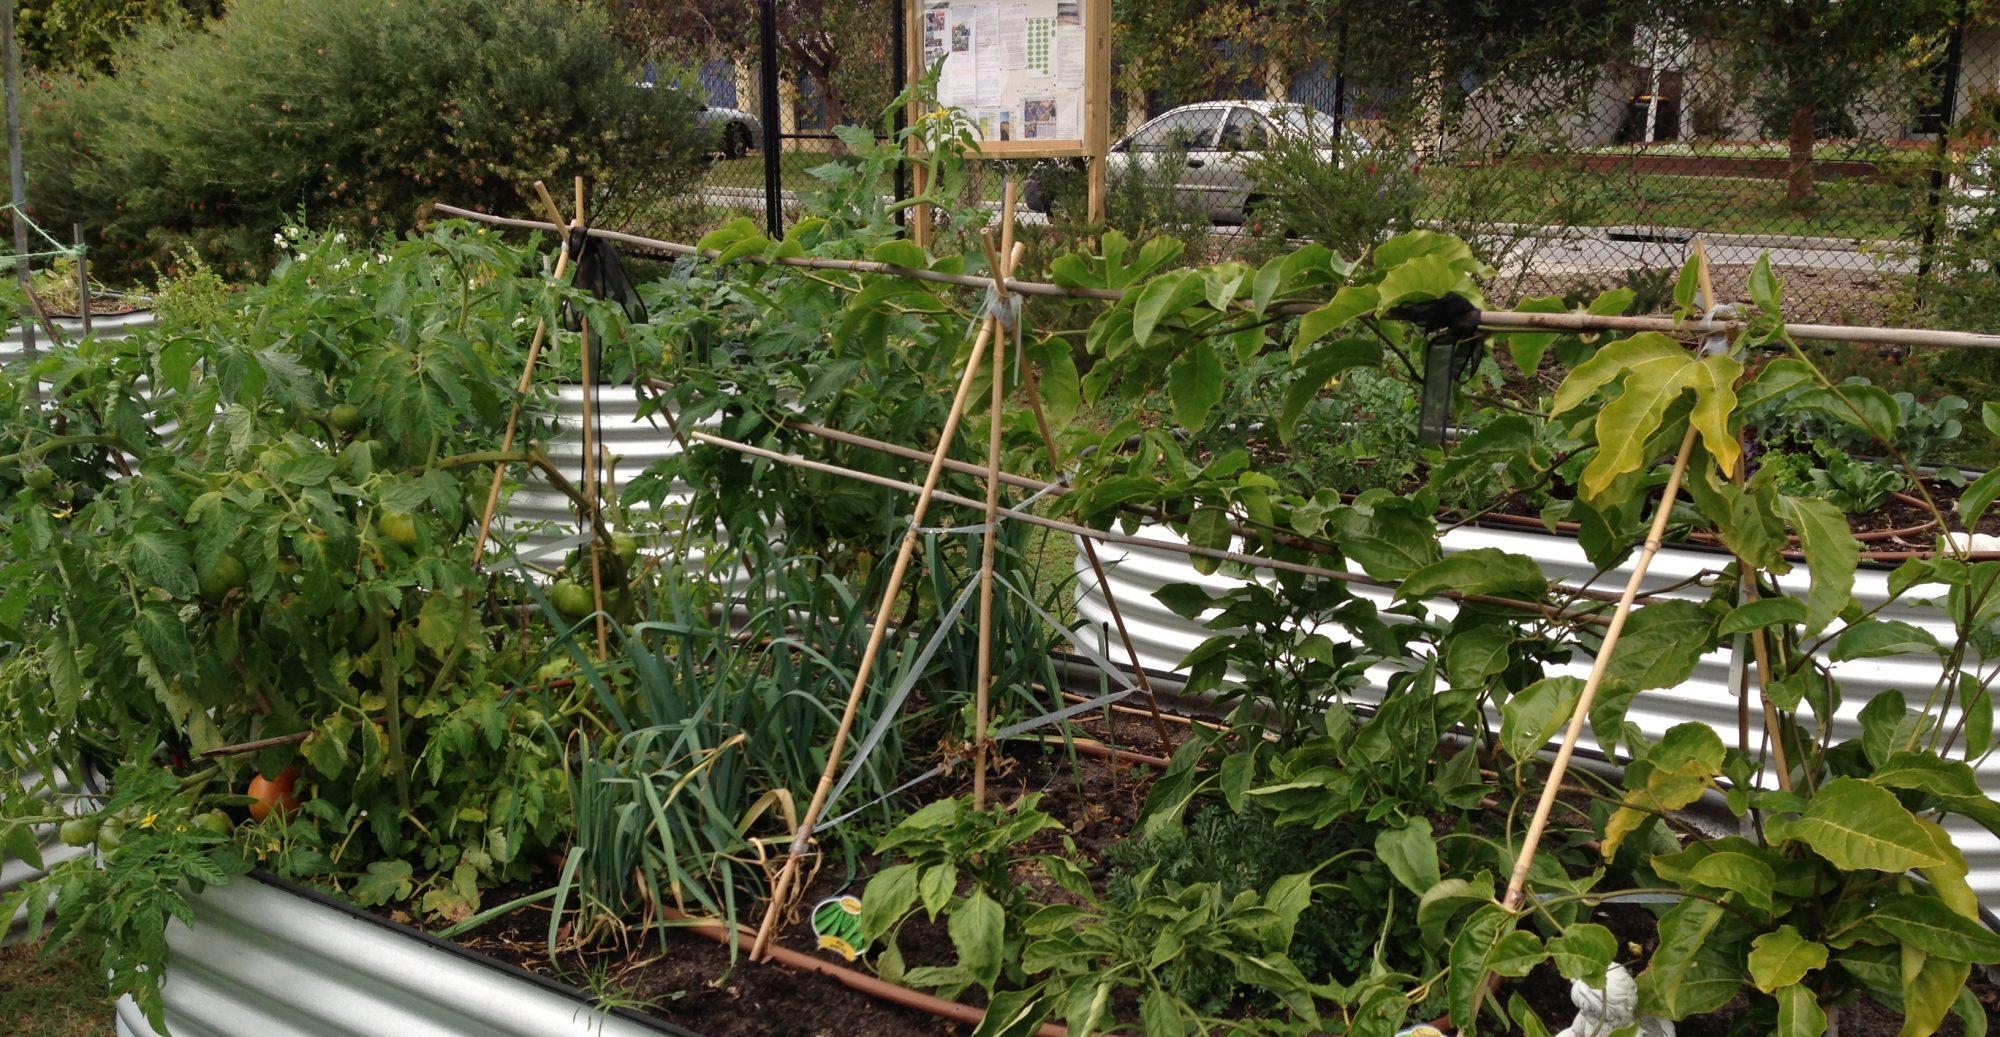 St Lukes Community Garden